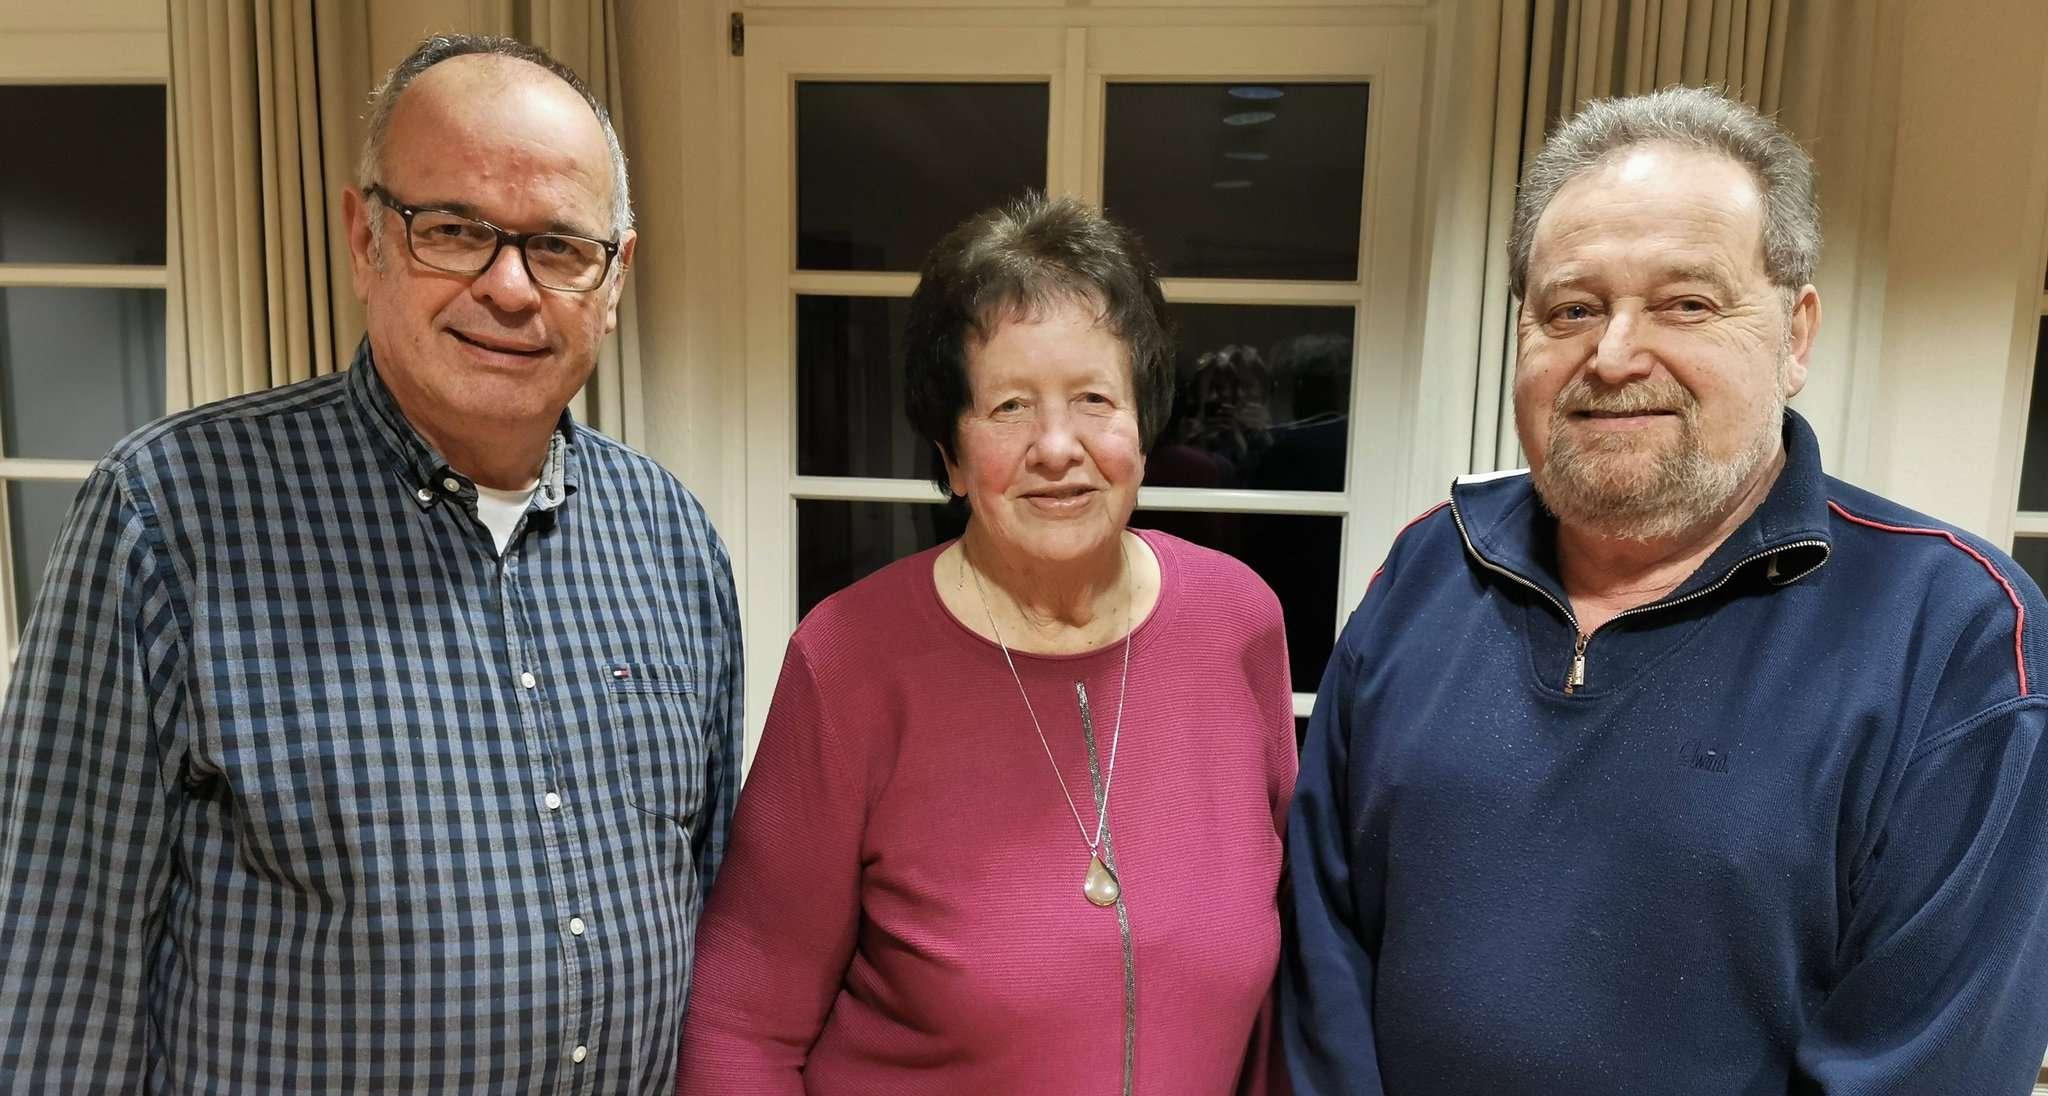 Gemeinsam zeigten Hans Hastedt, Geschäftsführer des DRK-Kreisverbandes (von links), Horstedts Vorsitzende Ursel Lohmann und Mulmshorn Manfred Holsten den Horstedter DRK-Mitgliedern den Weg auf.